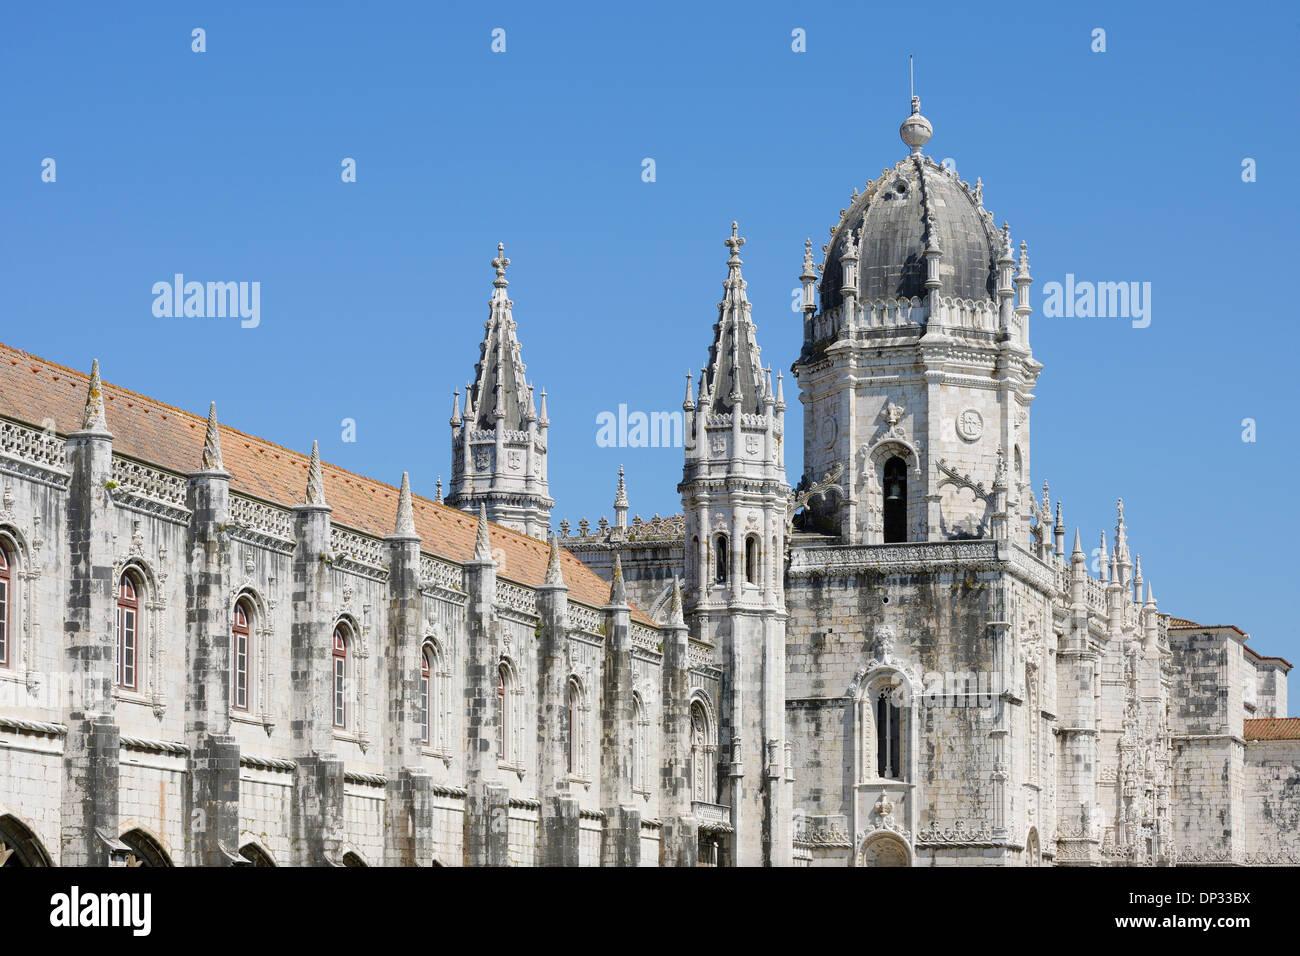 Monastère des Hiéronymites, UNESCO World Heritage Site, Belém, Lisbonne, Portugal Banque D'Images